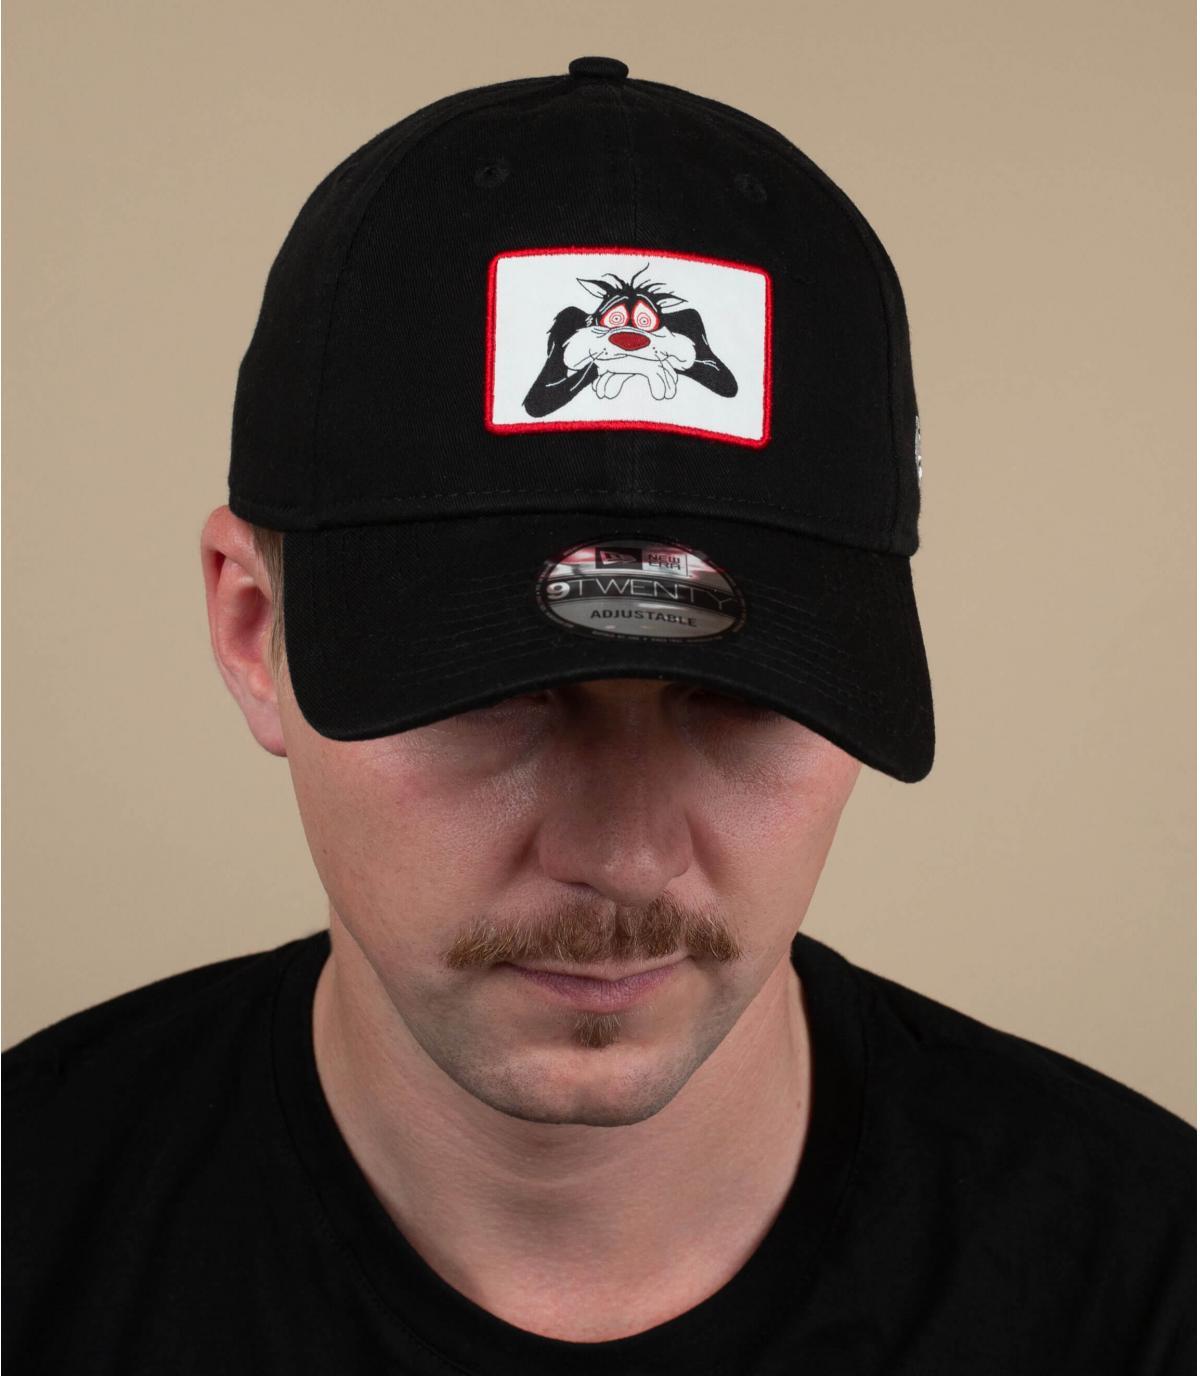 Cappellino nero Sylvester